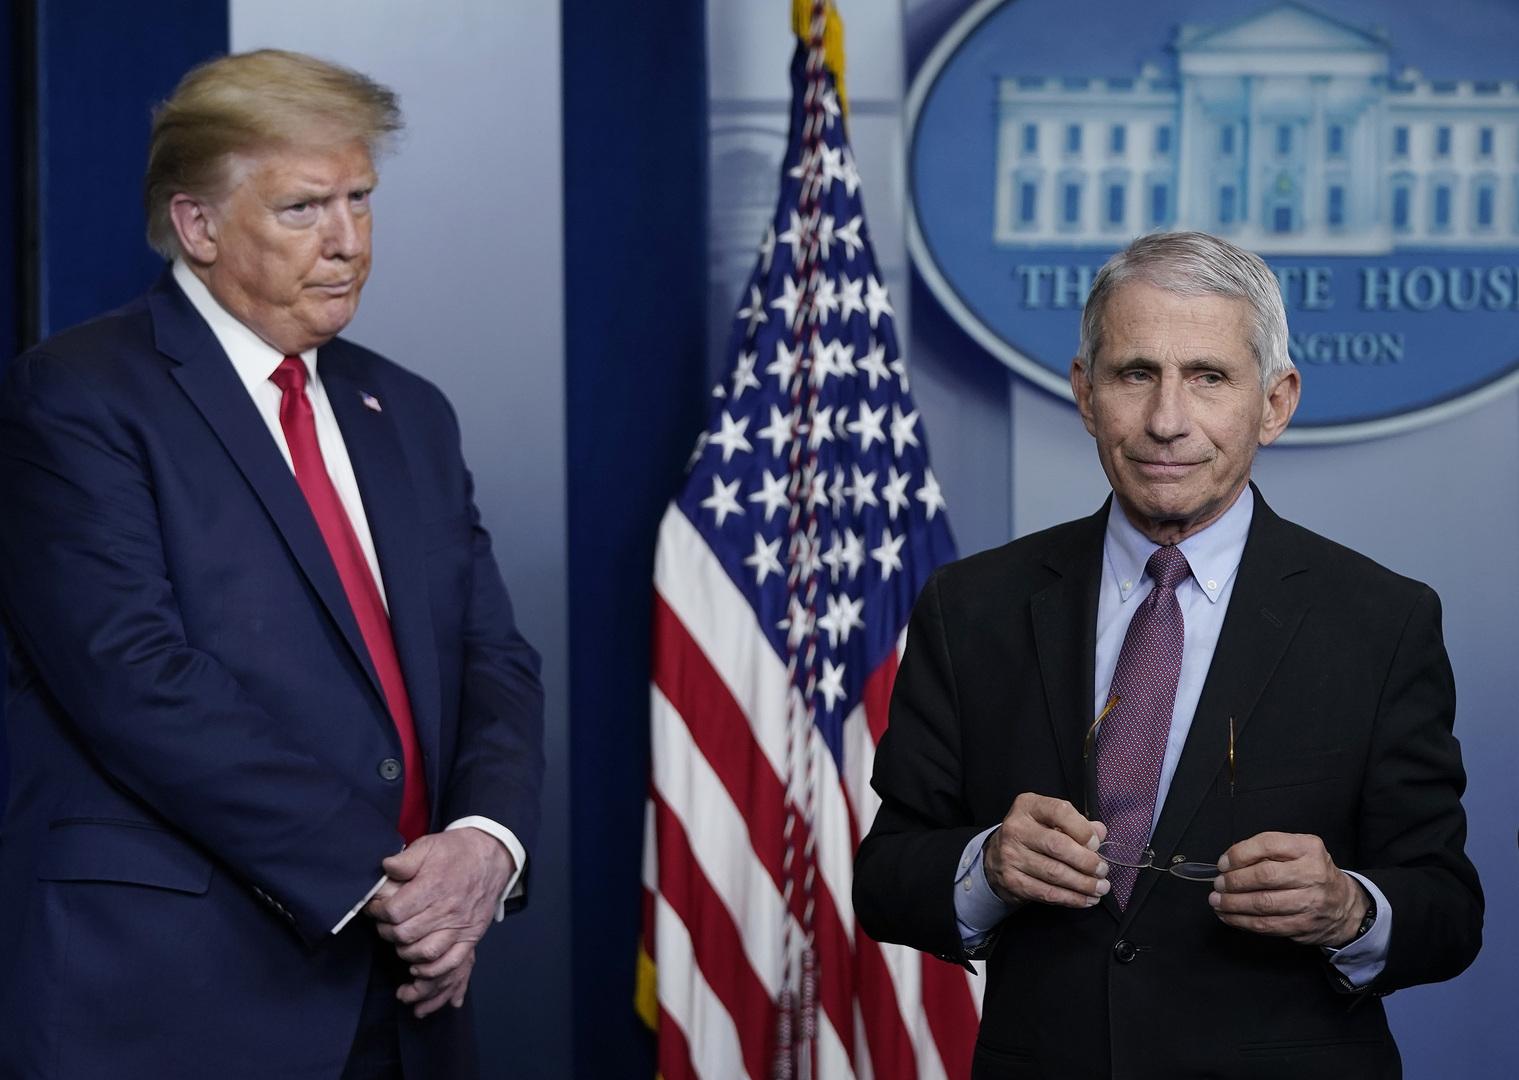 البيت الأبيض ينفي وجود خلافات بين ترامب وفاوتشي